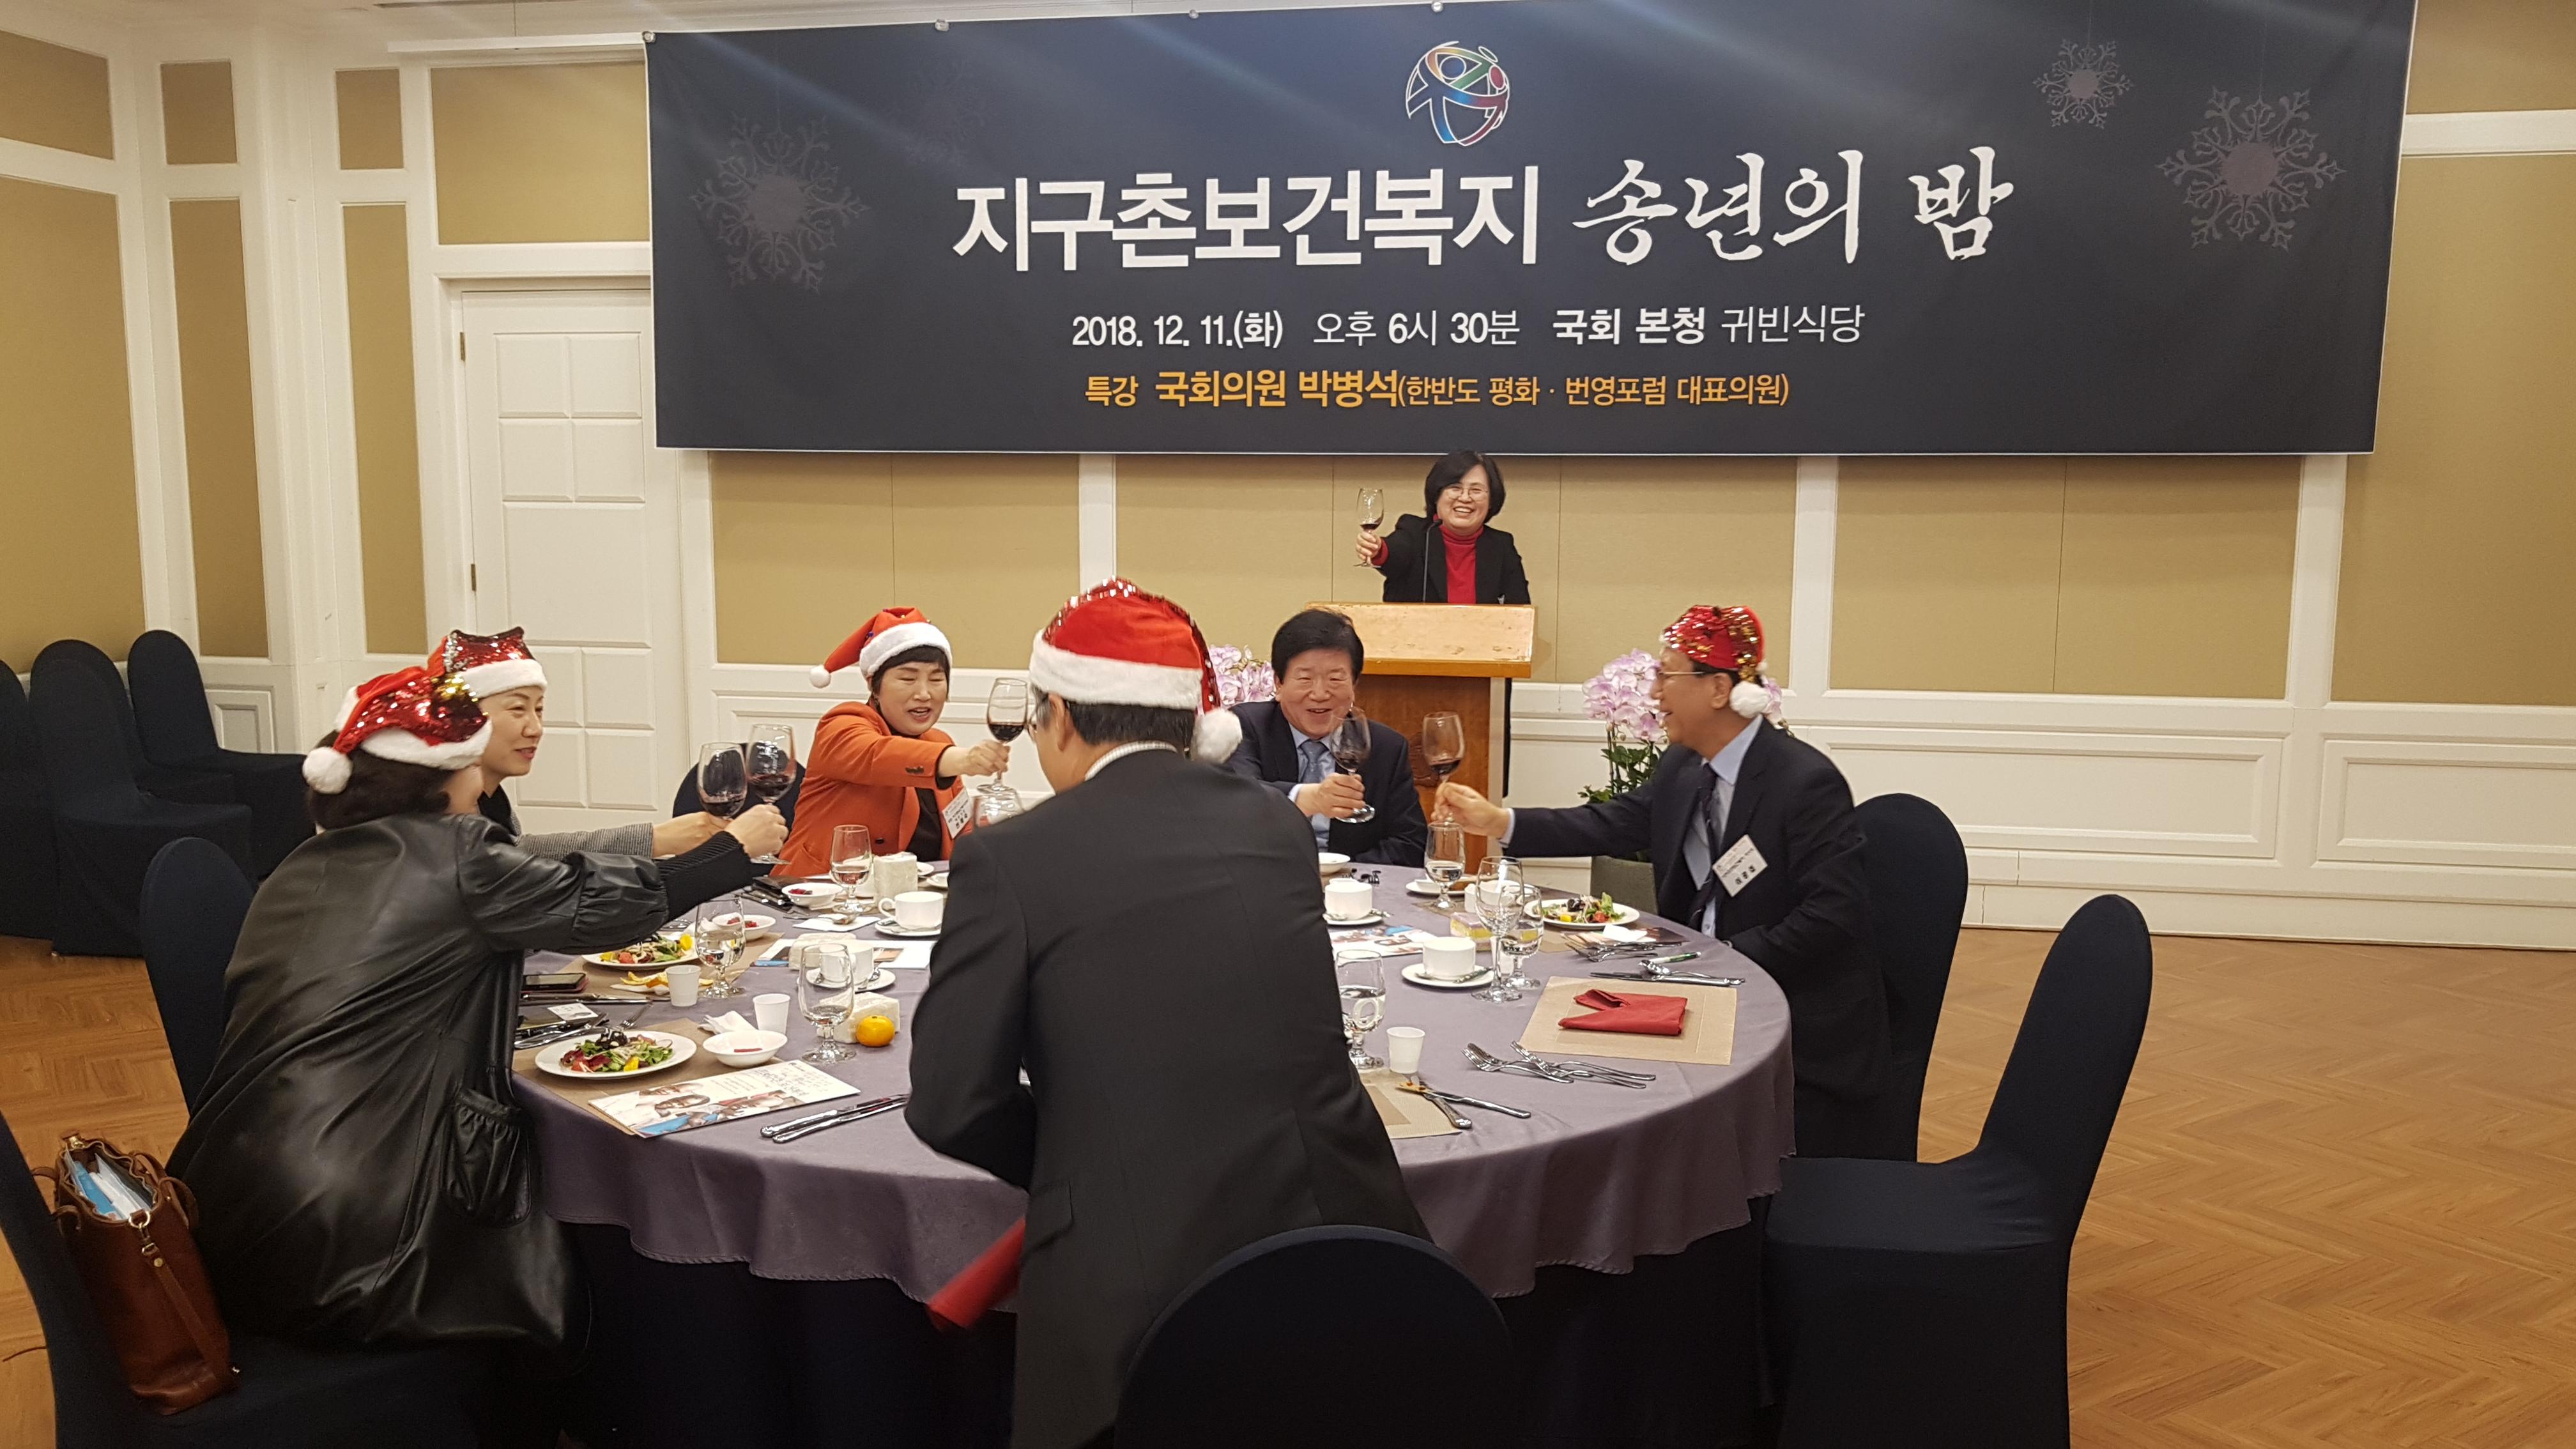 2018년 (사)지구촌보건복지 송년・후원의 밤 참석_3